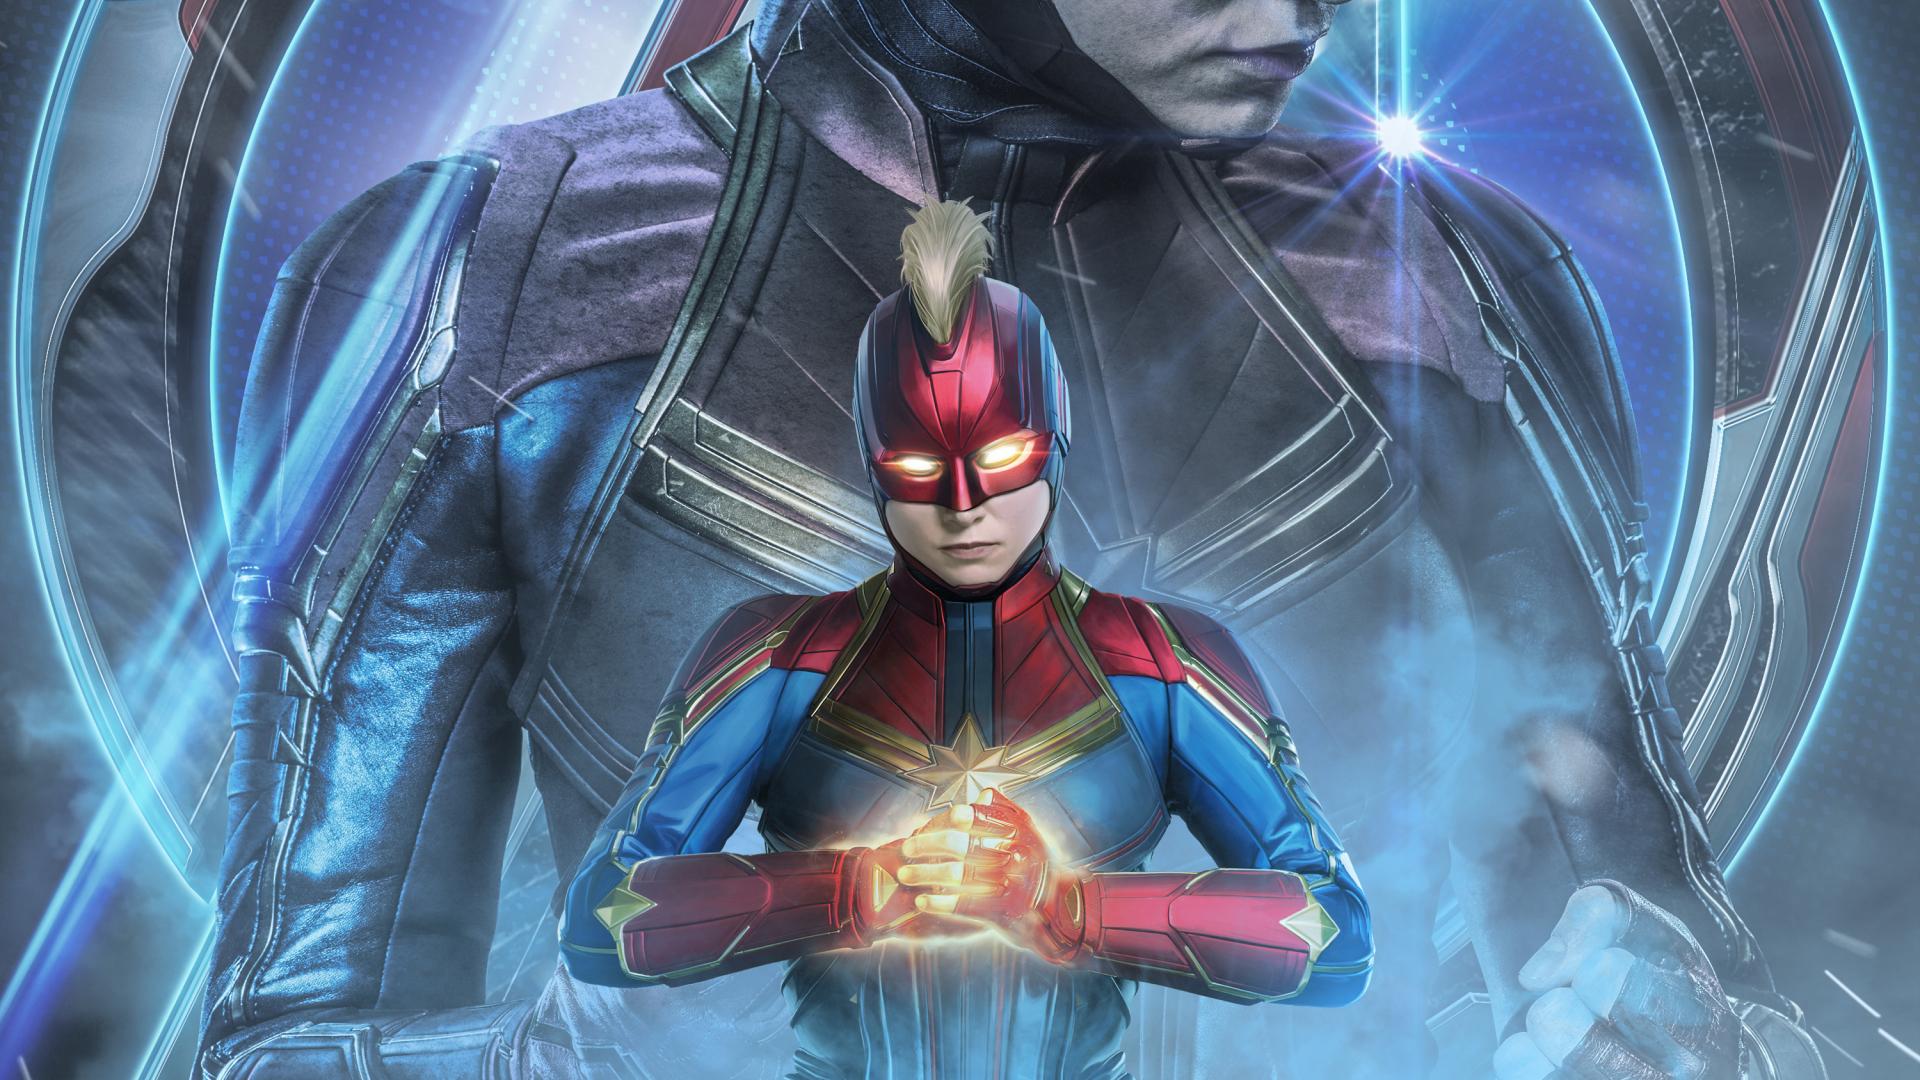 1920x1080 Avengers Endgame Captain Marvel Poster Art 1080P ...